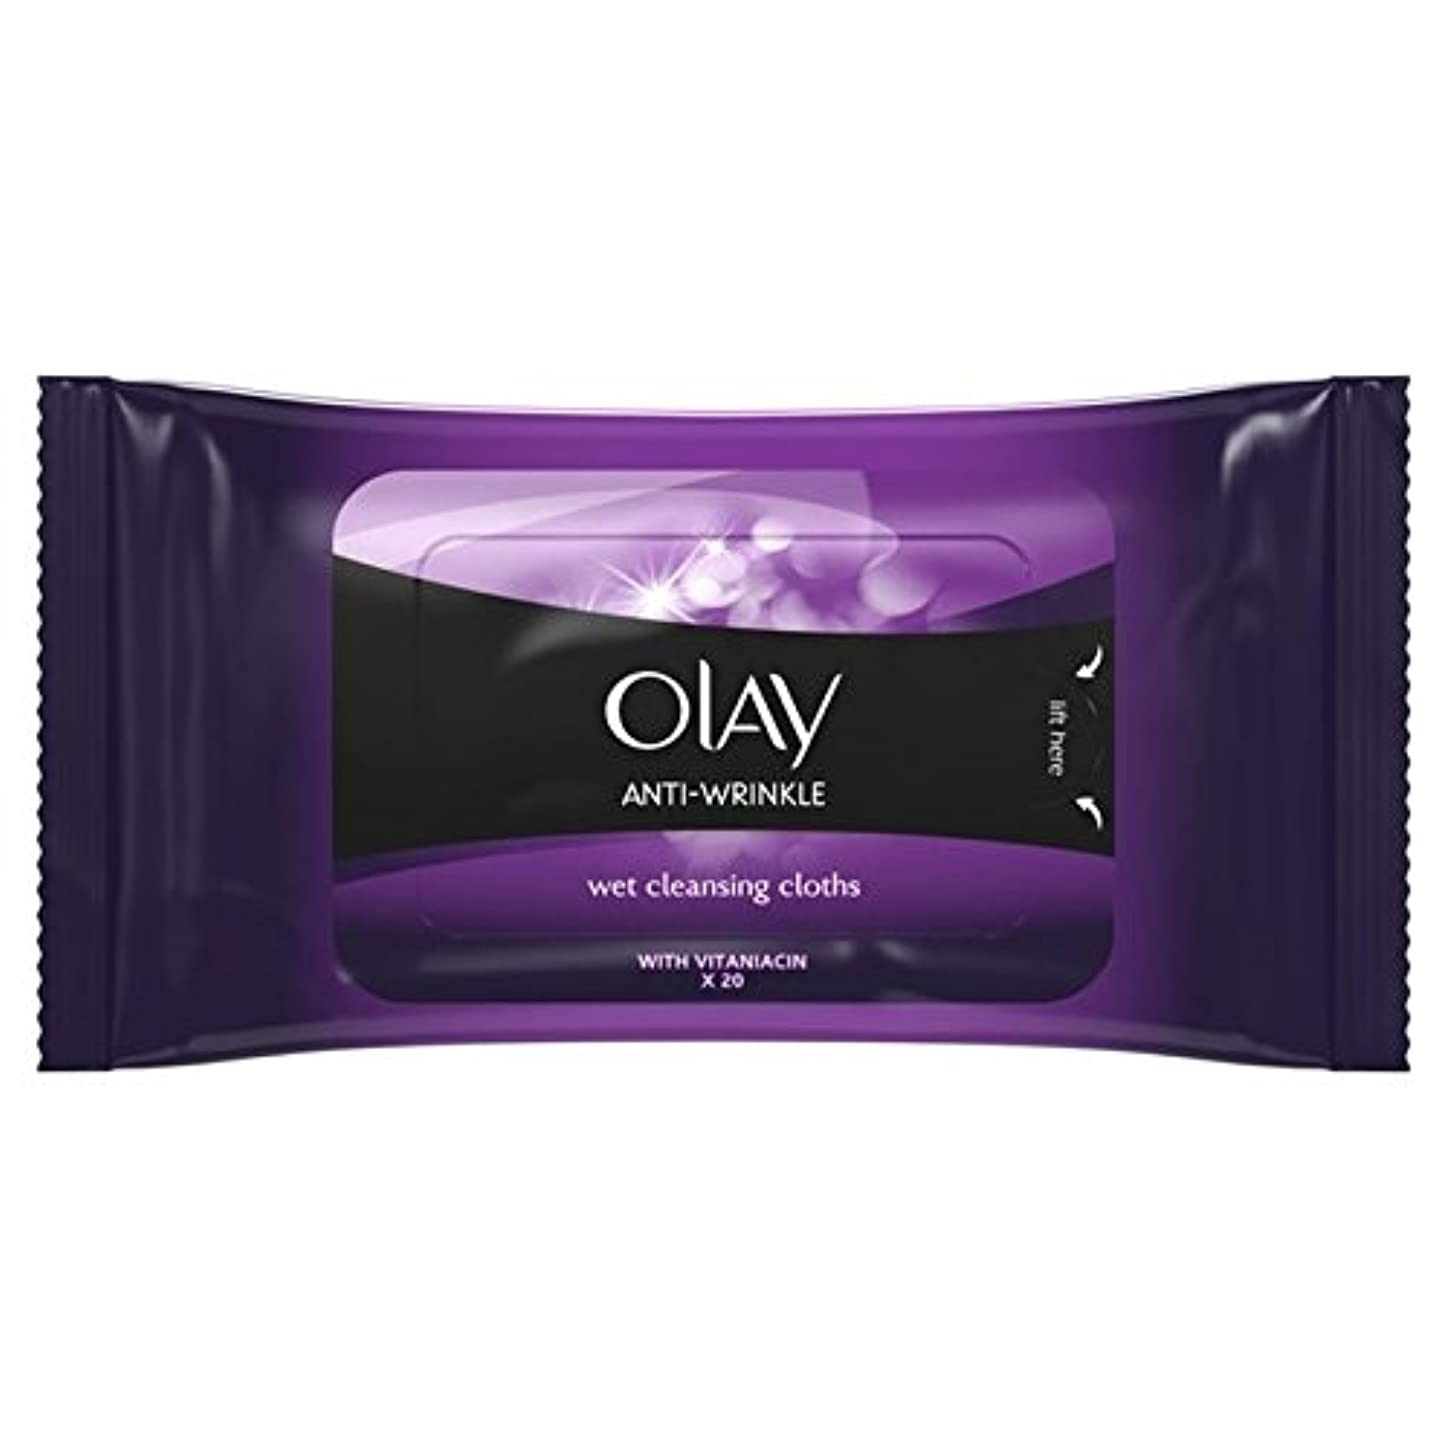 ネスト技術月曜日Olay Anti Wrinkle Firm & Lift Wet Cleansing Wipes 20 per pack (Pack of 6) - パックごとに20ワイプ抗シワ事務所をオーレイ&湿ったクレンジングを持ち上げます x6 [並行輸入品]